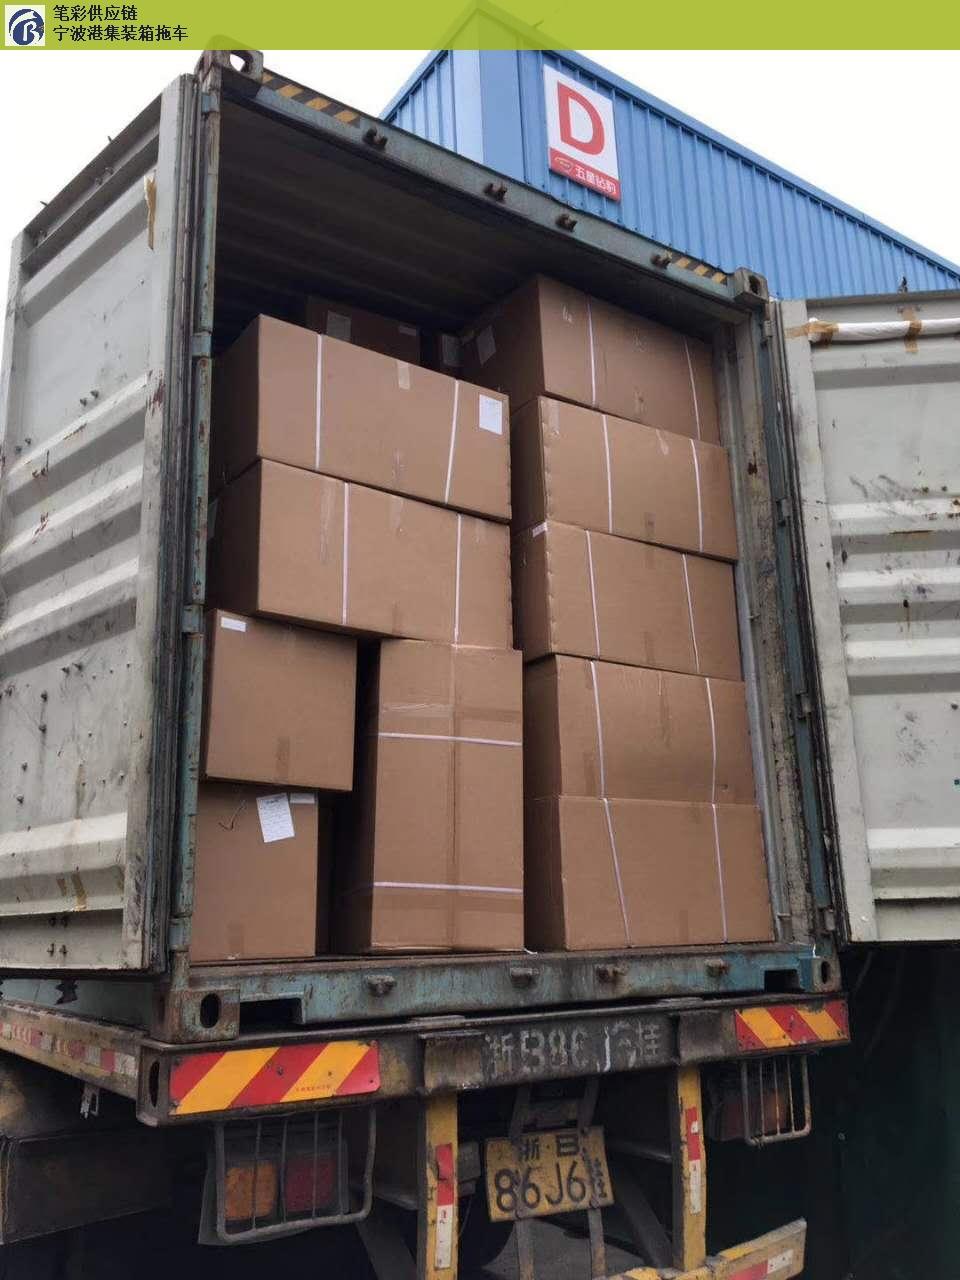 温州冷冻柜集装箱拖车费用,集装箱拖车